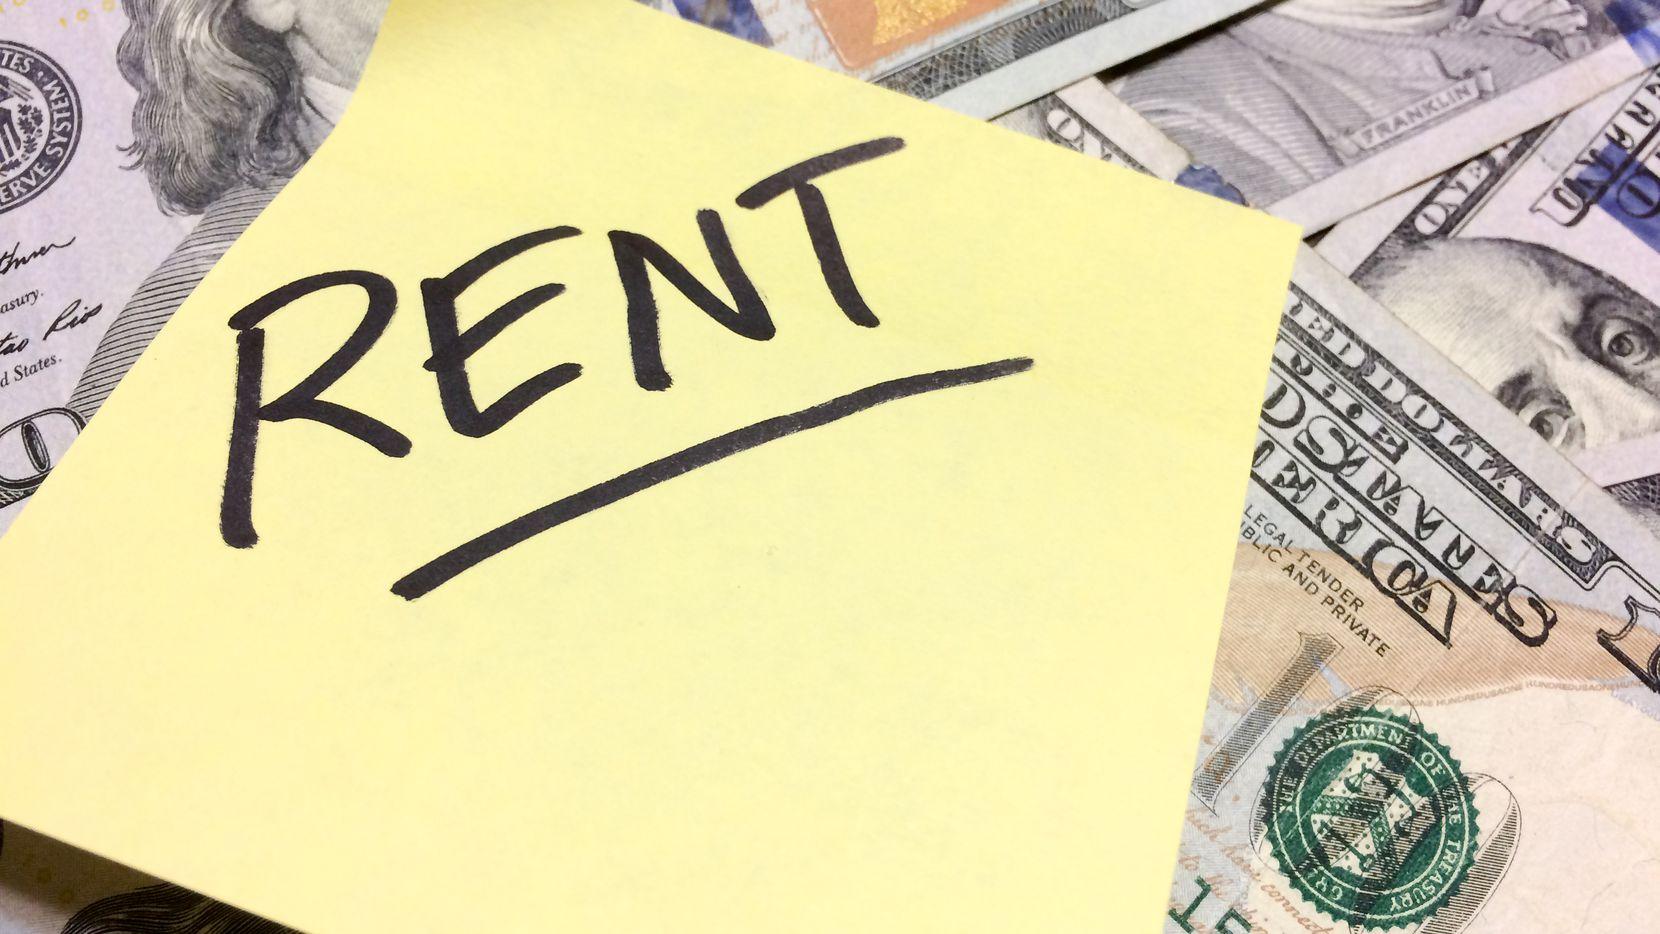 Se calcula que 8.8 millones de estadounidenses van atrasados en el pago de su renta, según el Buró de Protección Financiera al Consumidor (CFPB).